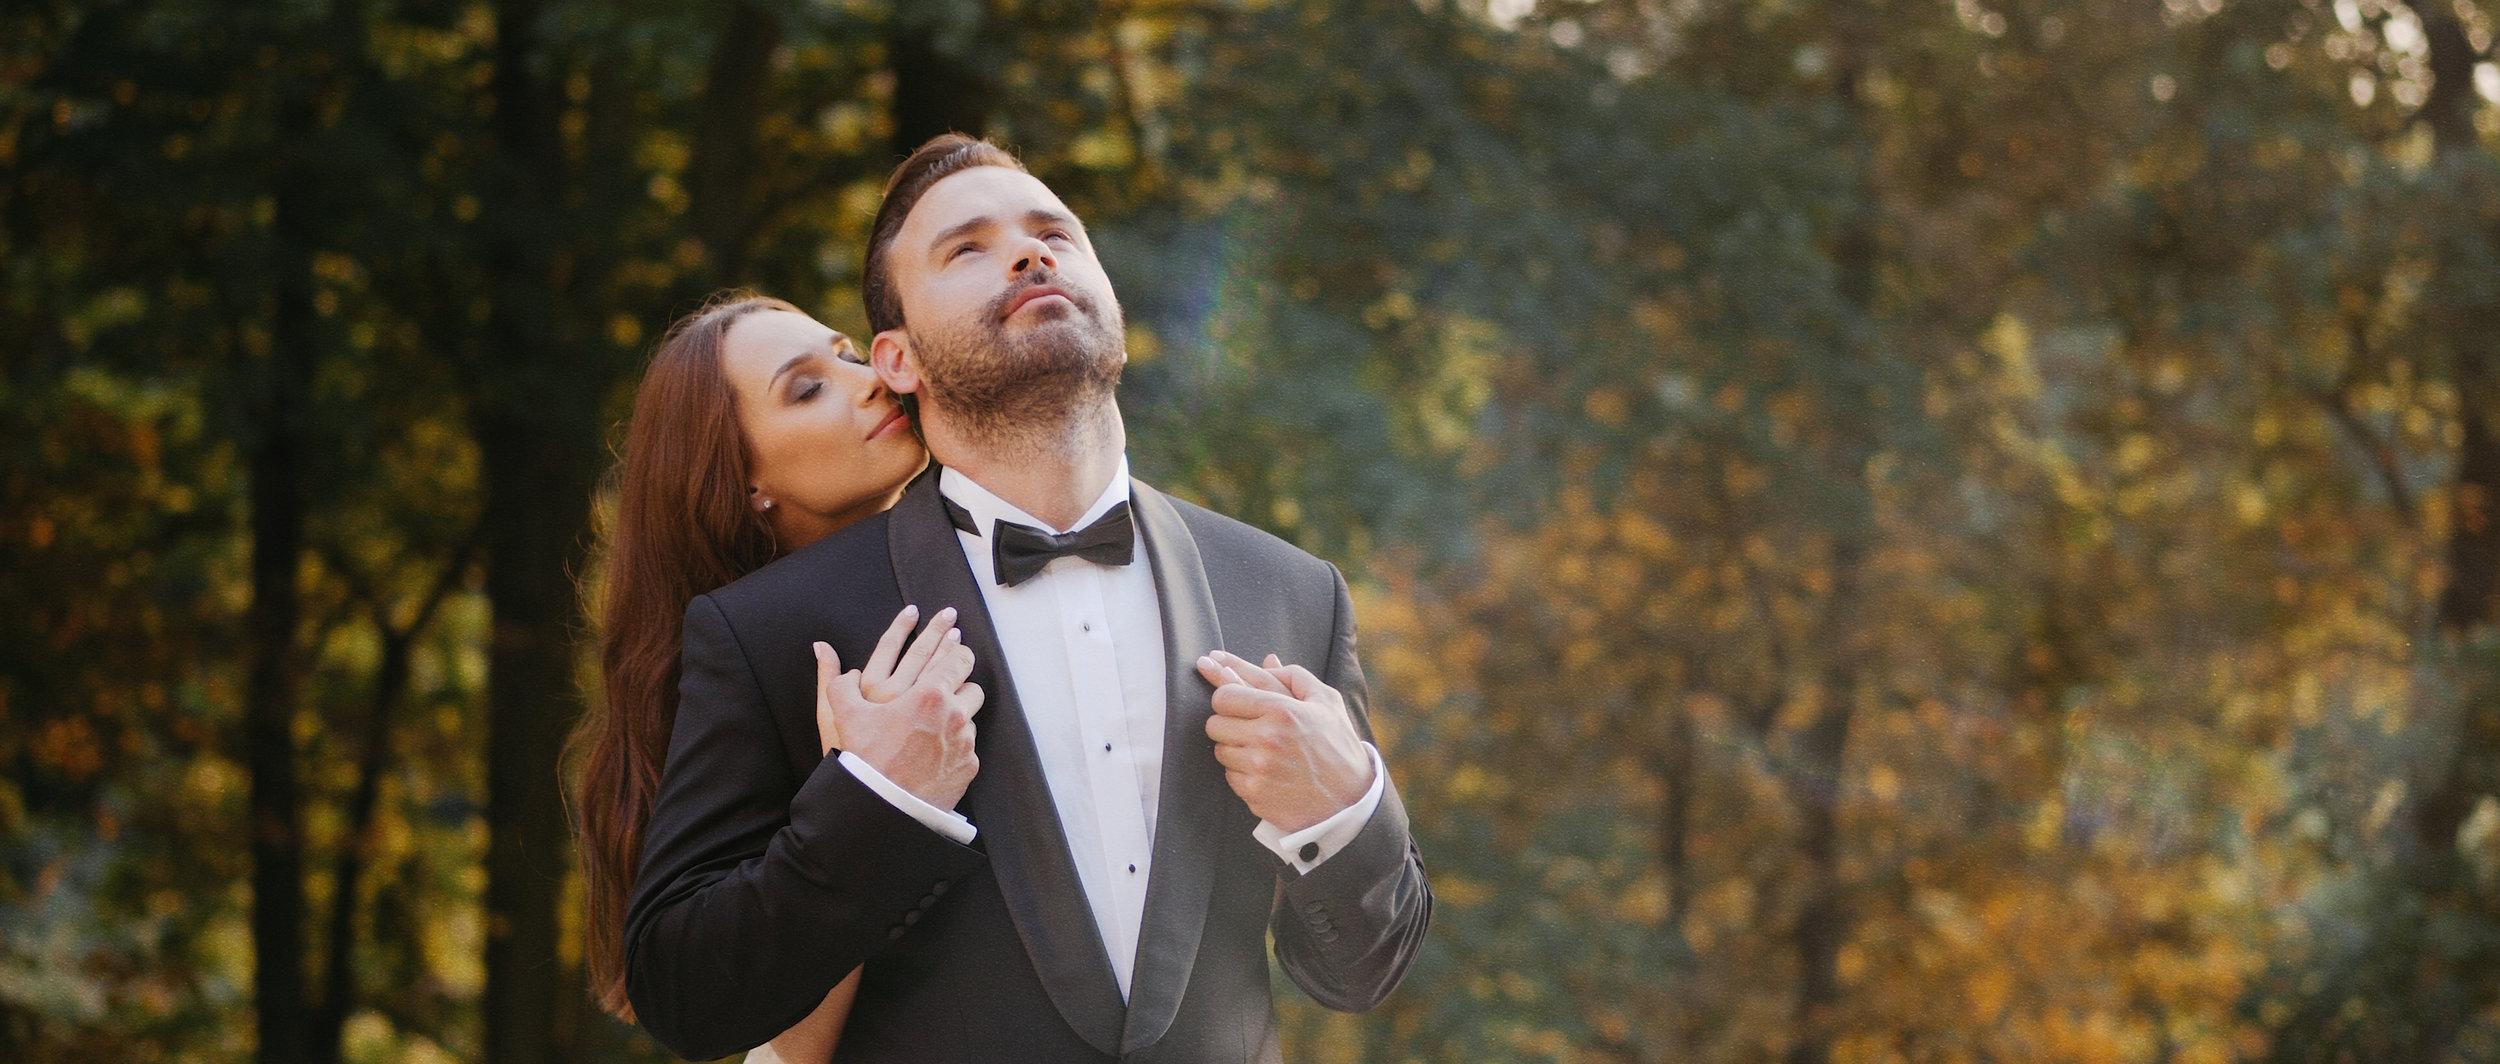 Martyna & Marcin Cinematic Wedding film - Poznanie wspaniałych ludzi to jest to, co najbardziej kochamy w swojej prace. Tym razem zapraszamy Was do wyjątkowo elegańskiego wesela Martyny i Marcina, które odbyło się w przypięknym zamku w Janowie Podlaskim.